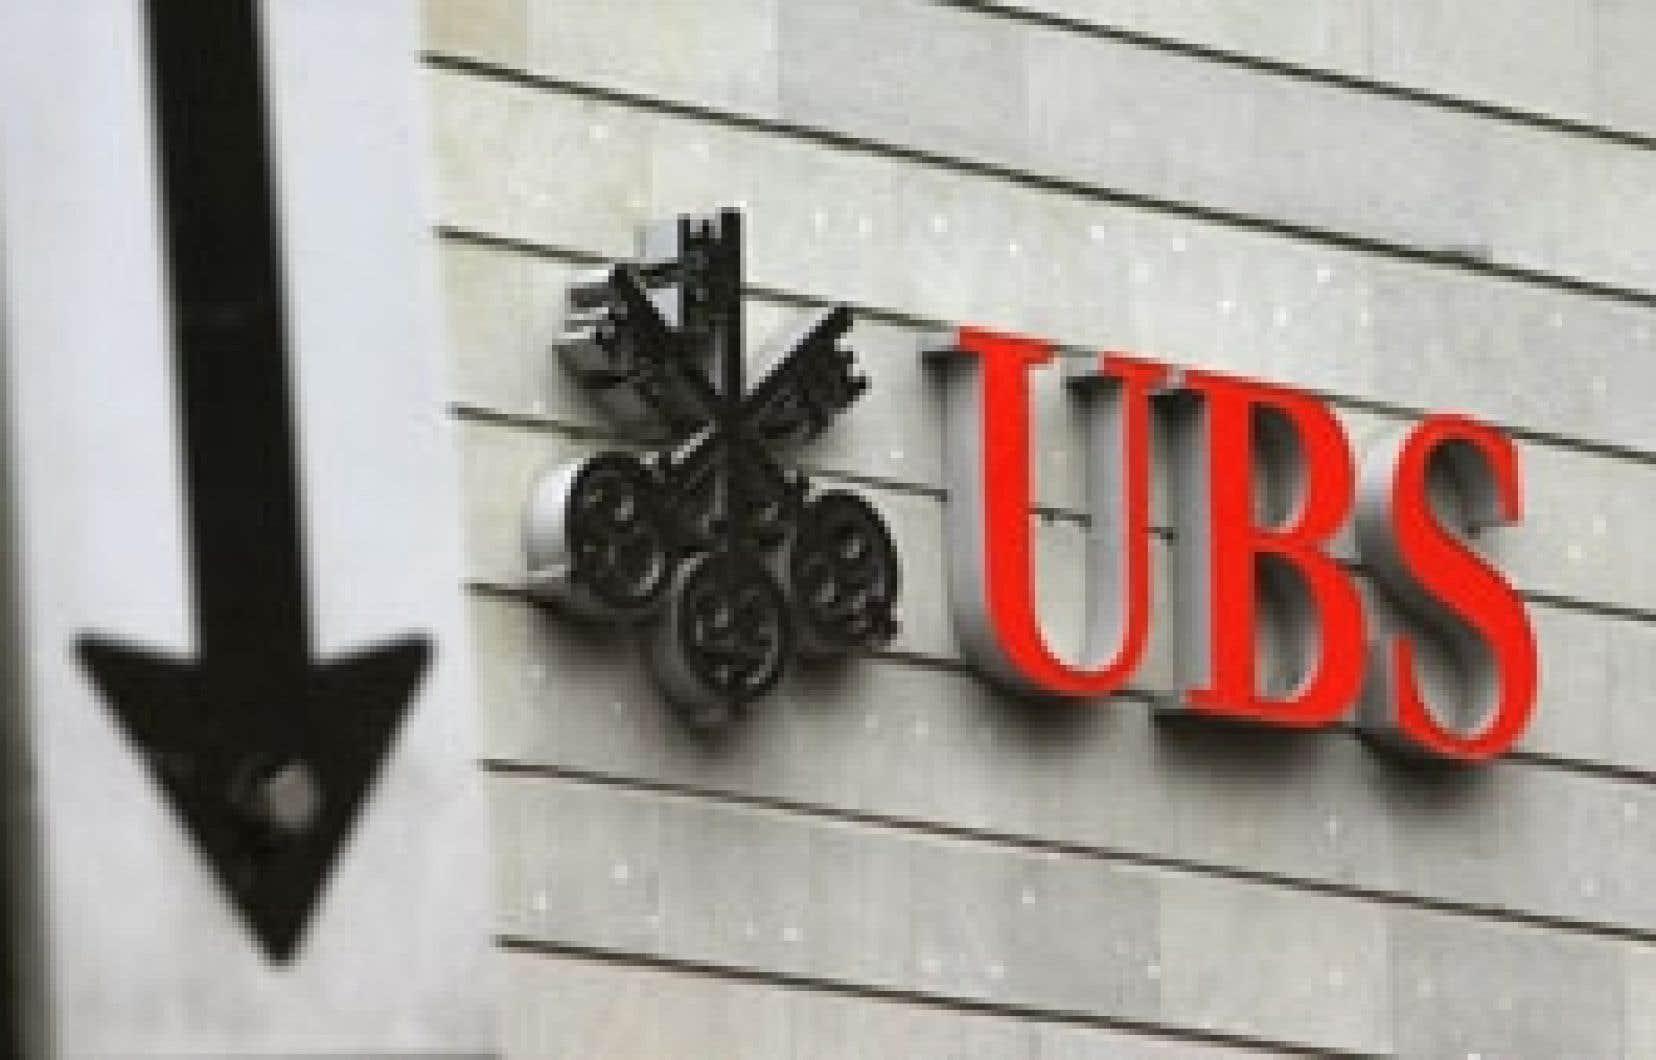 Selon un des plus influents banquiers privés suisses, Ivan Pictet, «le secteur financier, au lieu de représenter environ 12 % du PIB, n'en représenterait alors peut-être que 6 à 7 %», si était abandonnée la distinction entre l'évasion et la